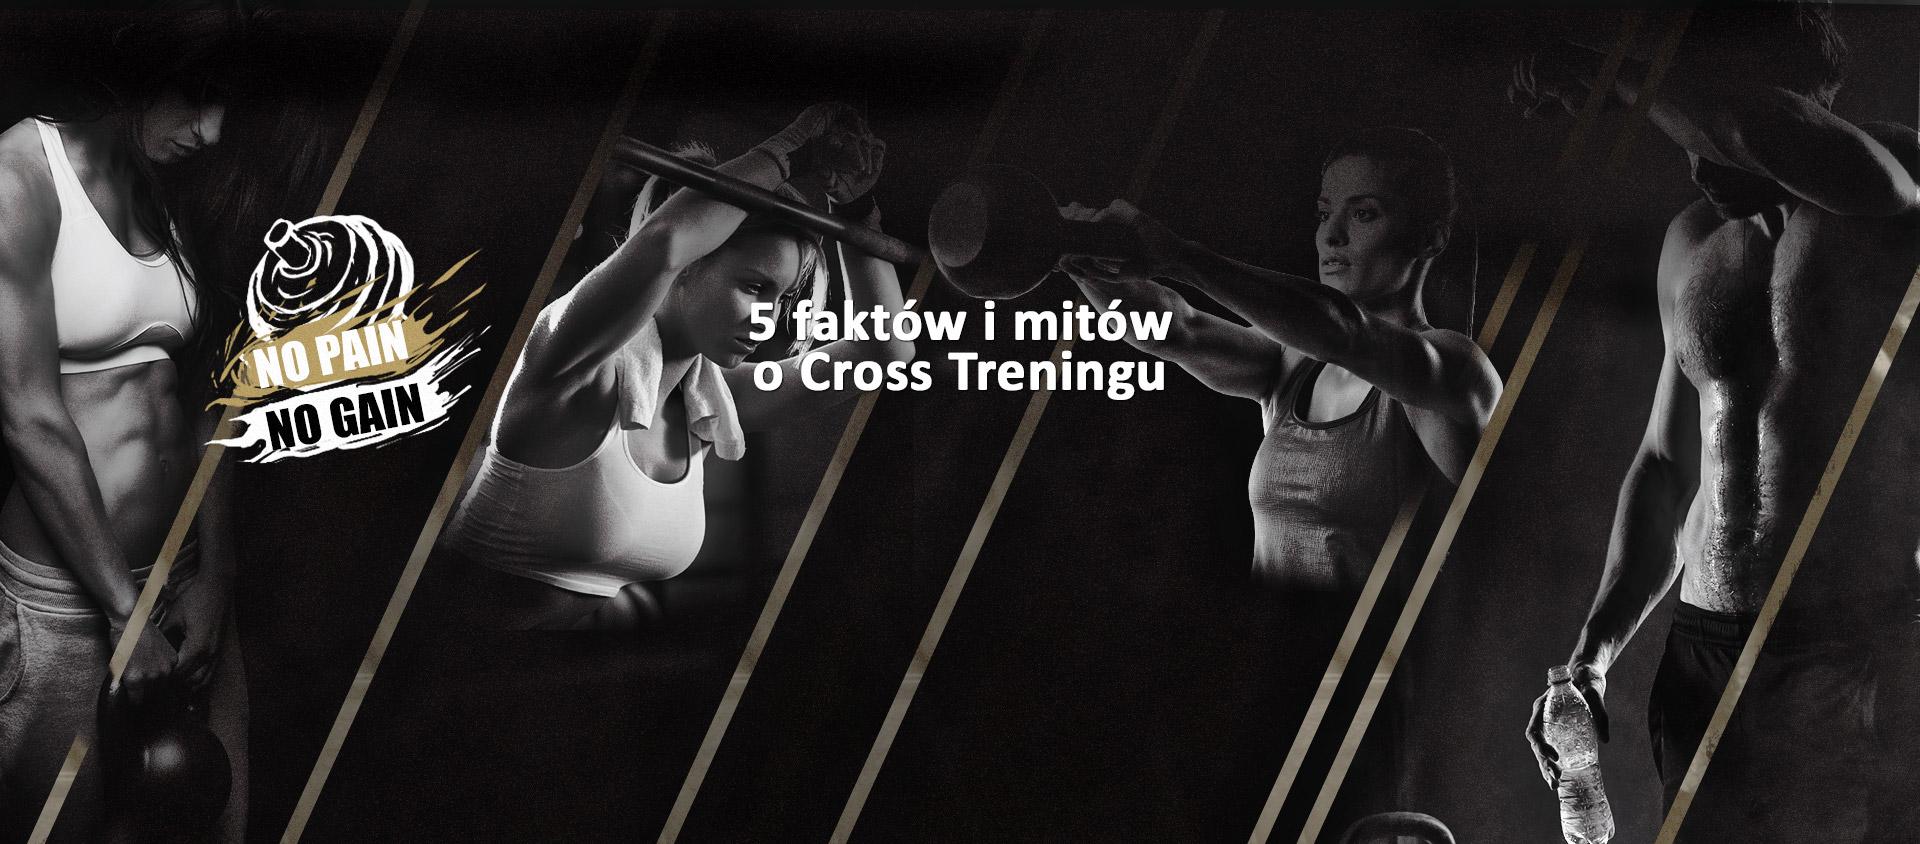 5 faktów i mitów o Cross Treningu